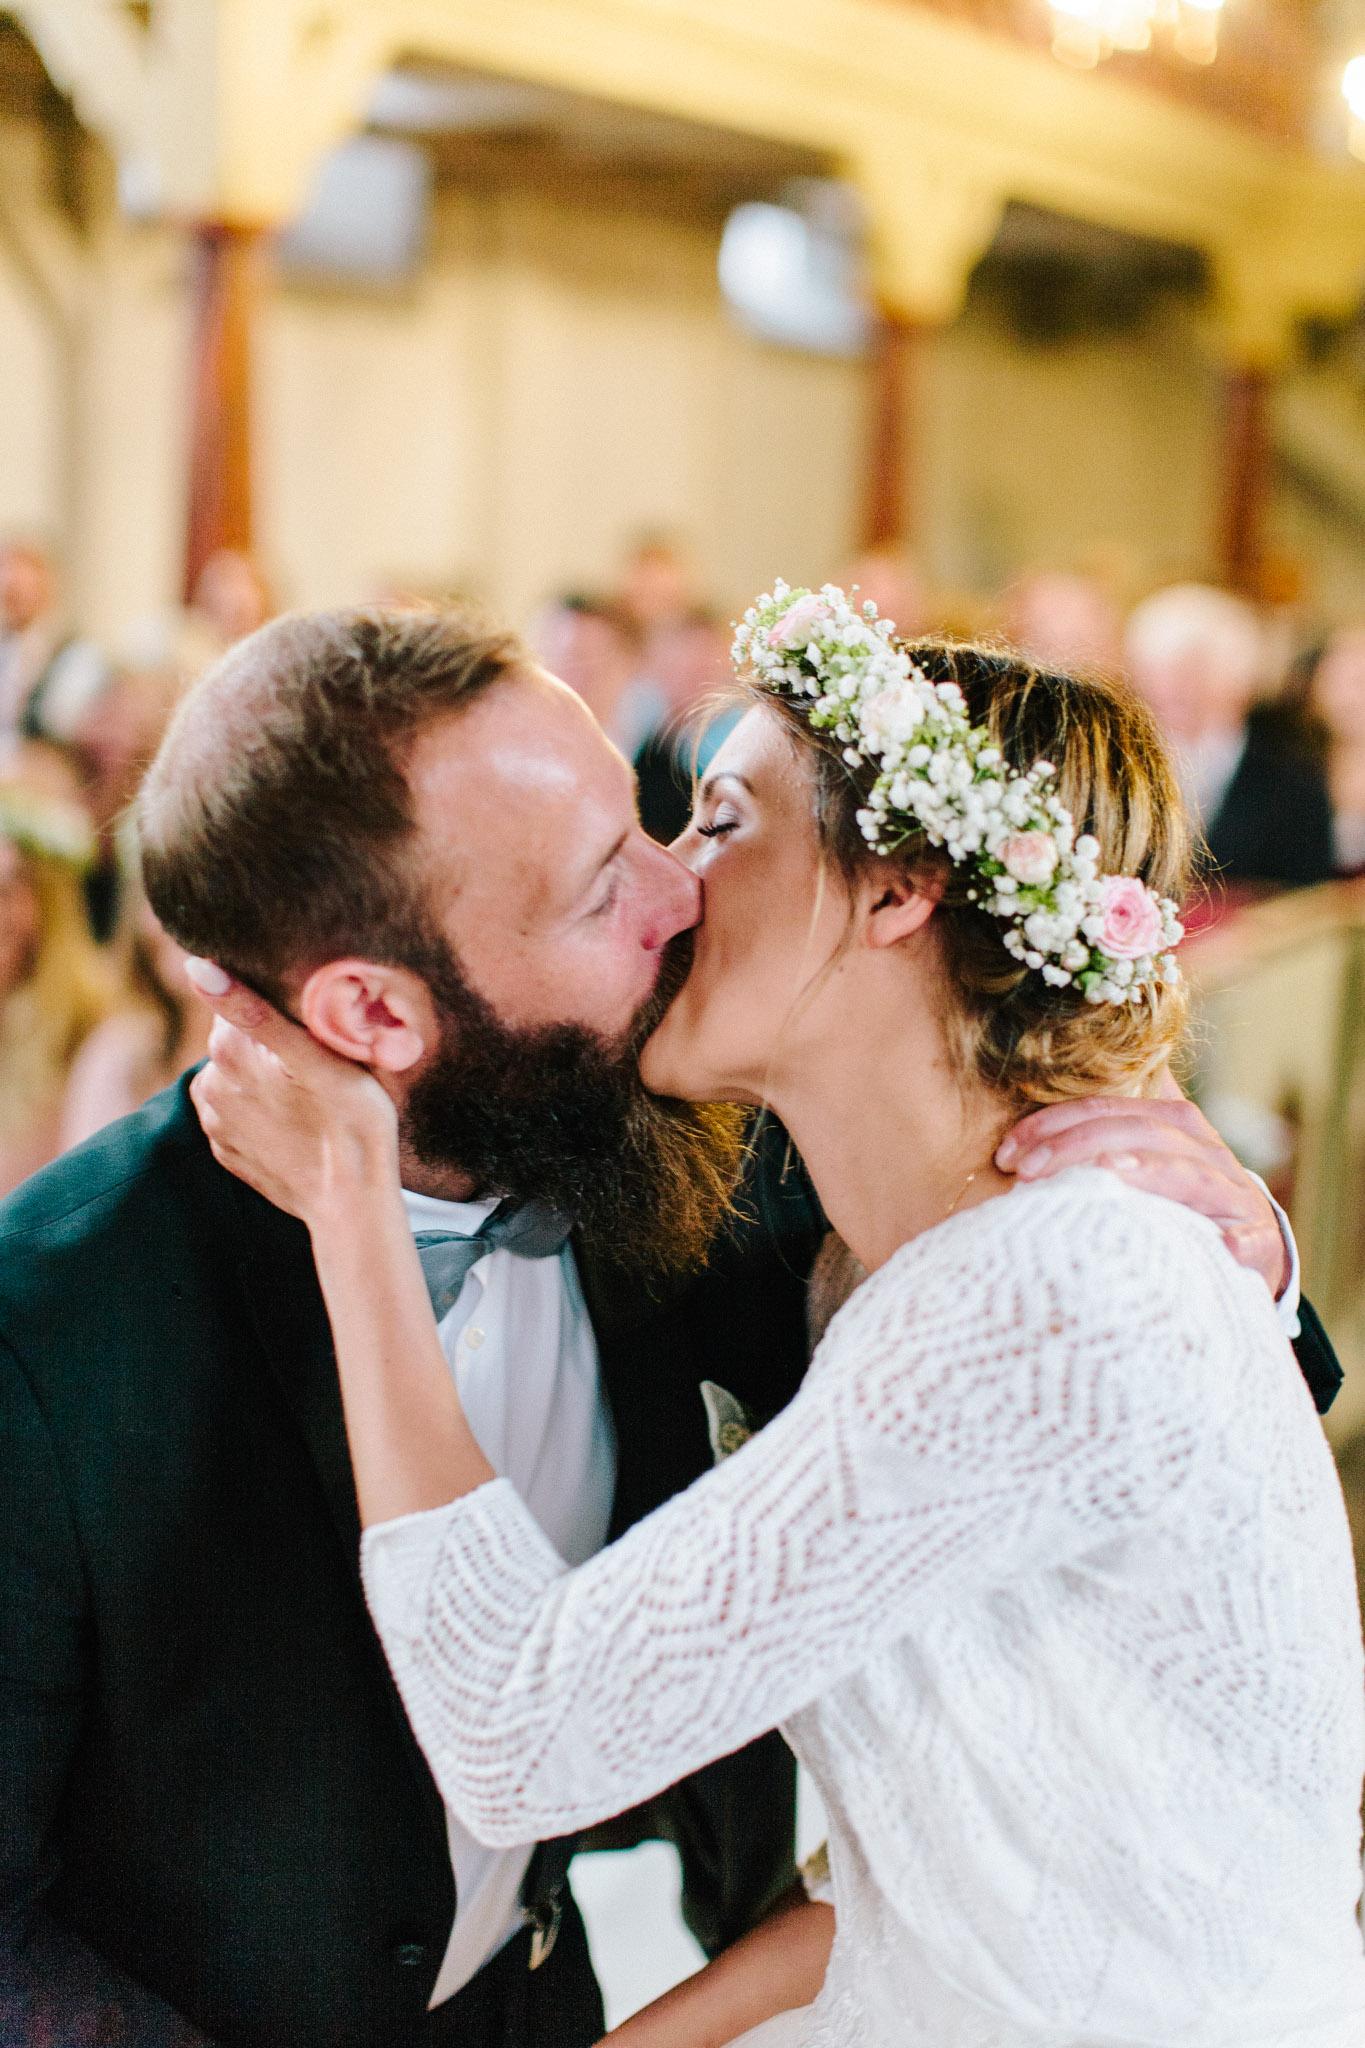 Nordhausen-Harz-Hochzeit-Pia-Anna-Christian-Wedding-Photography-LM-38.jpg